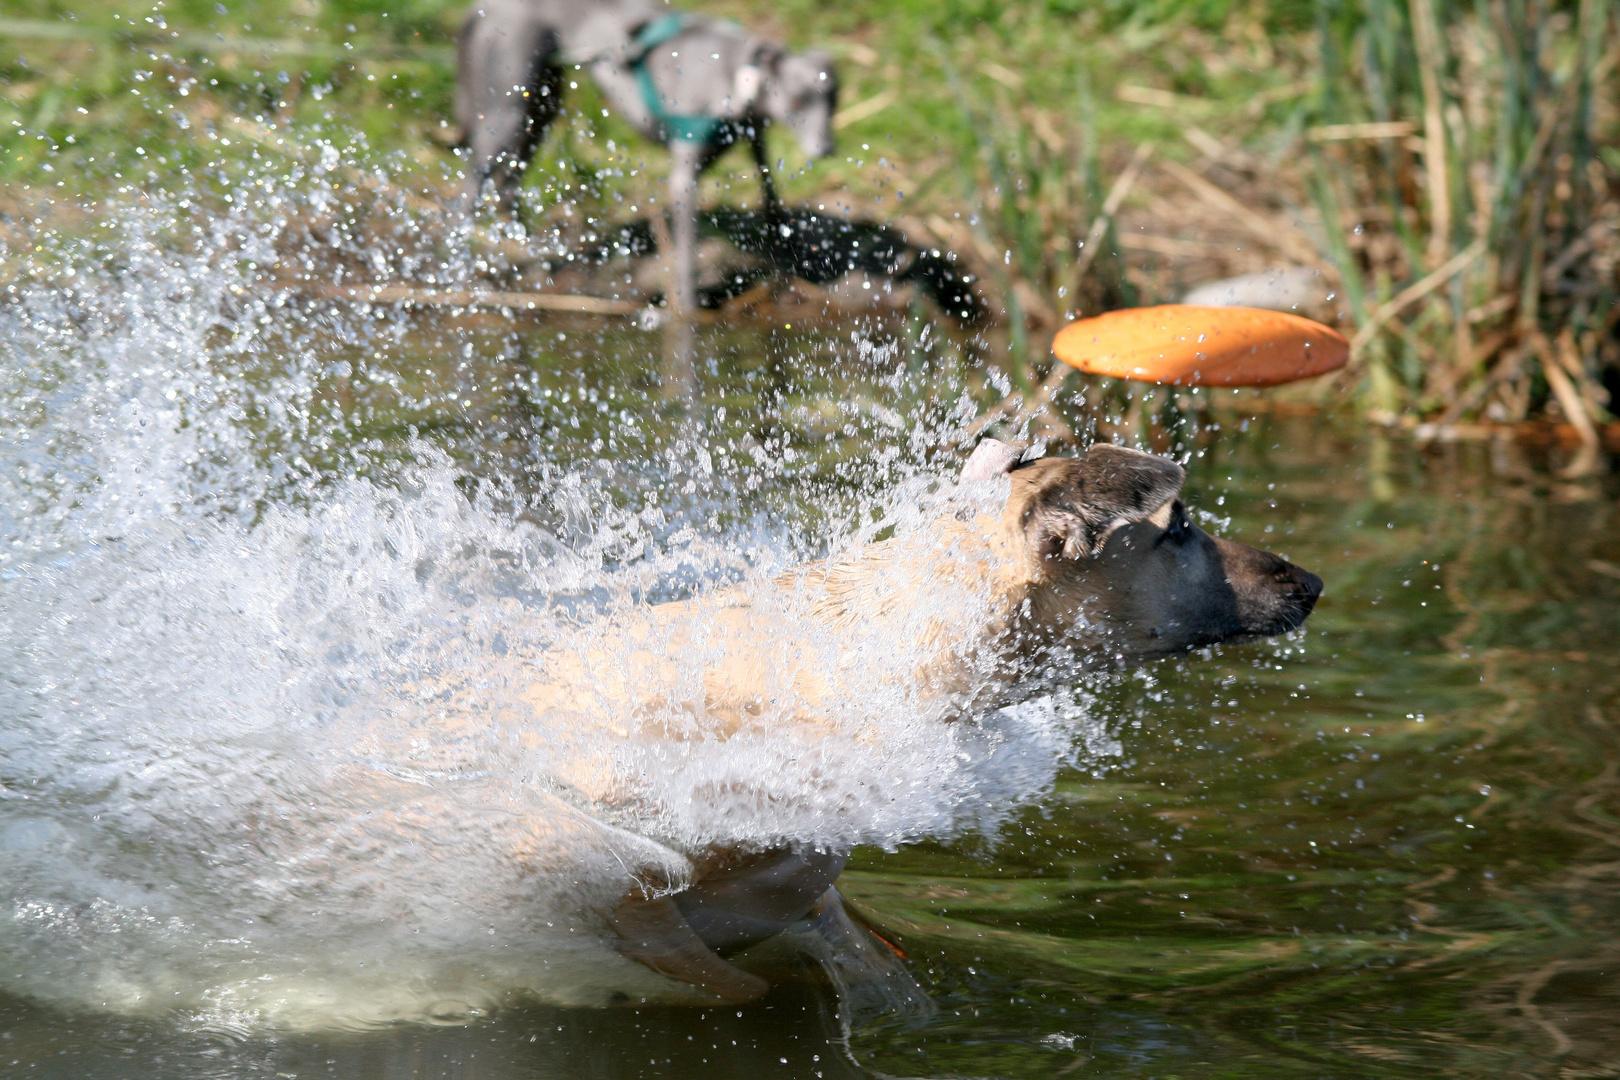 Whippet Helvetio: Auch im Wasser schneller als die Frisbeescheibe